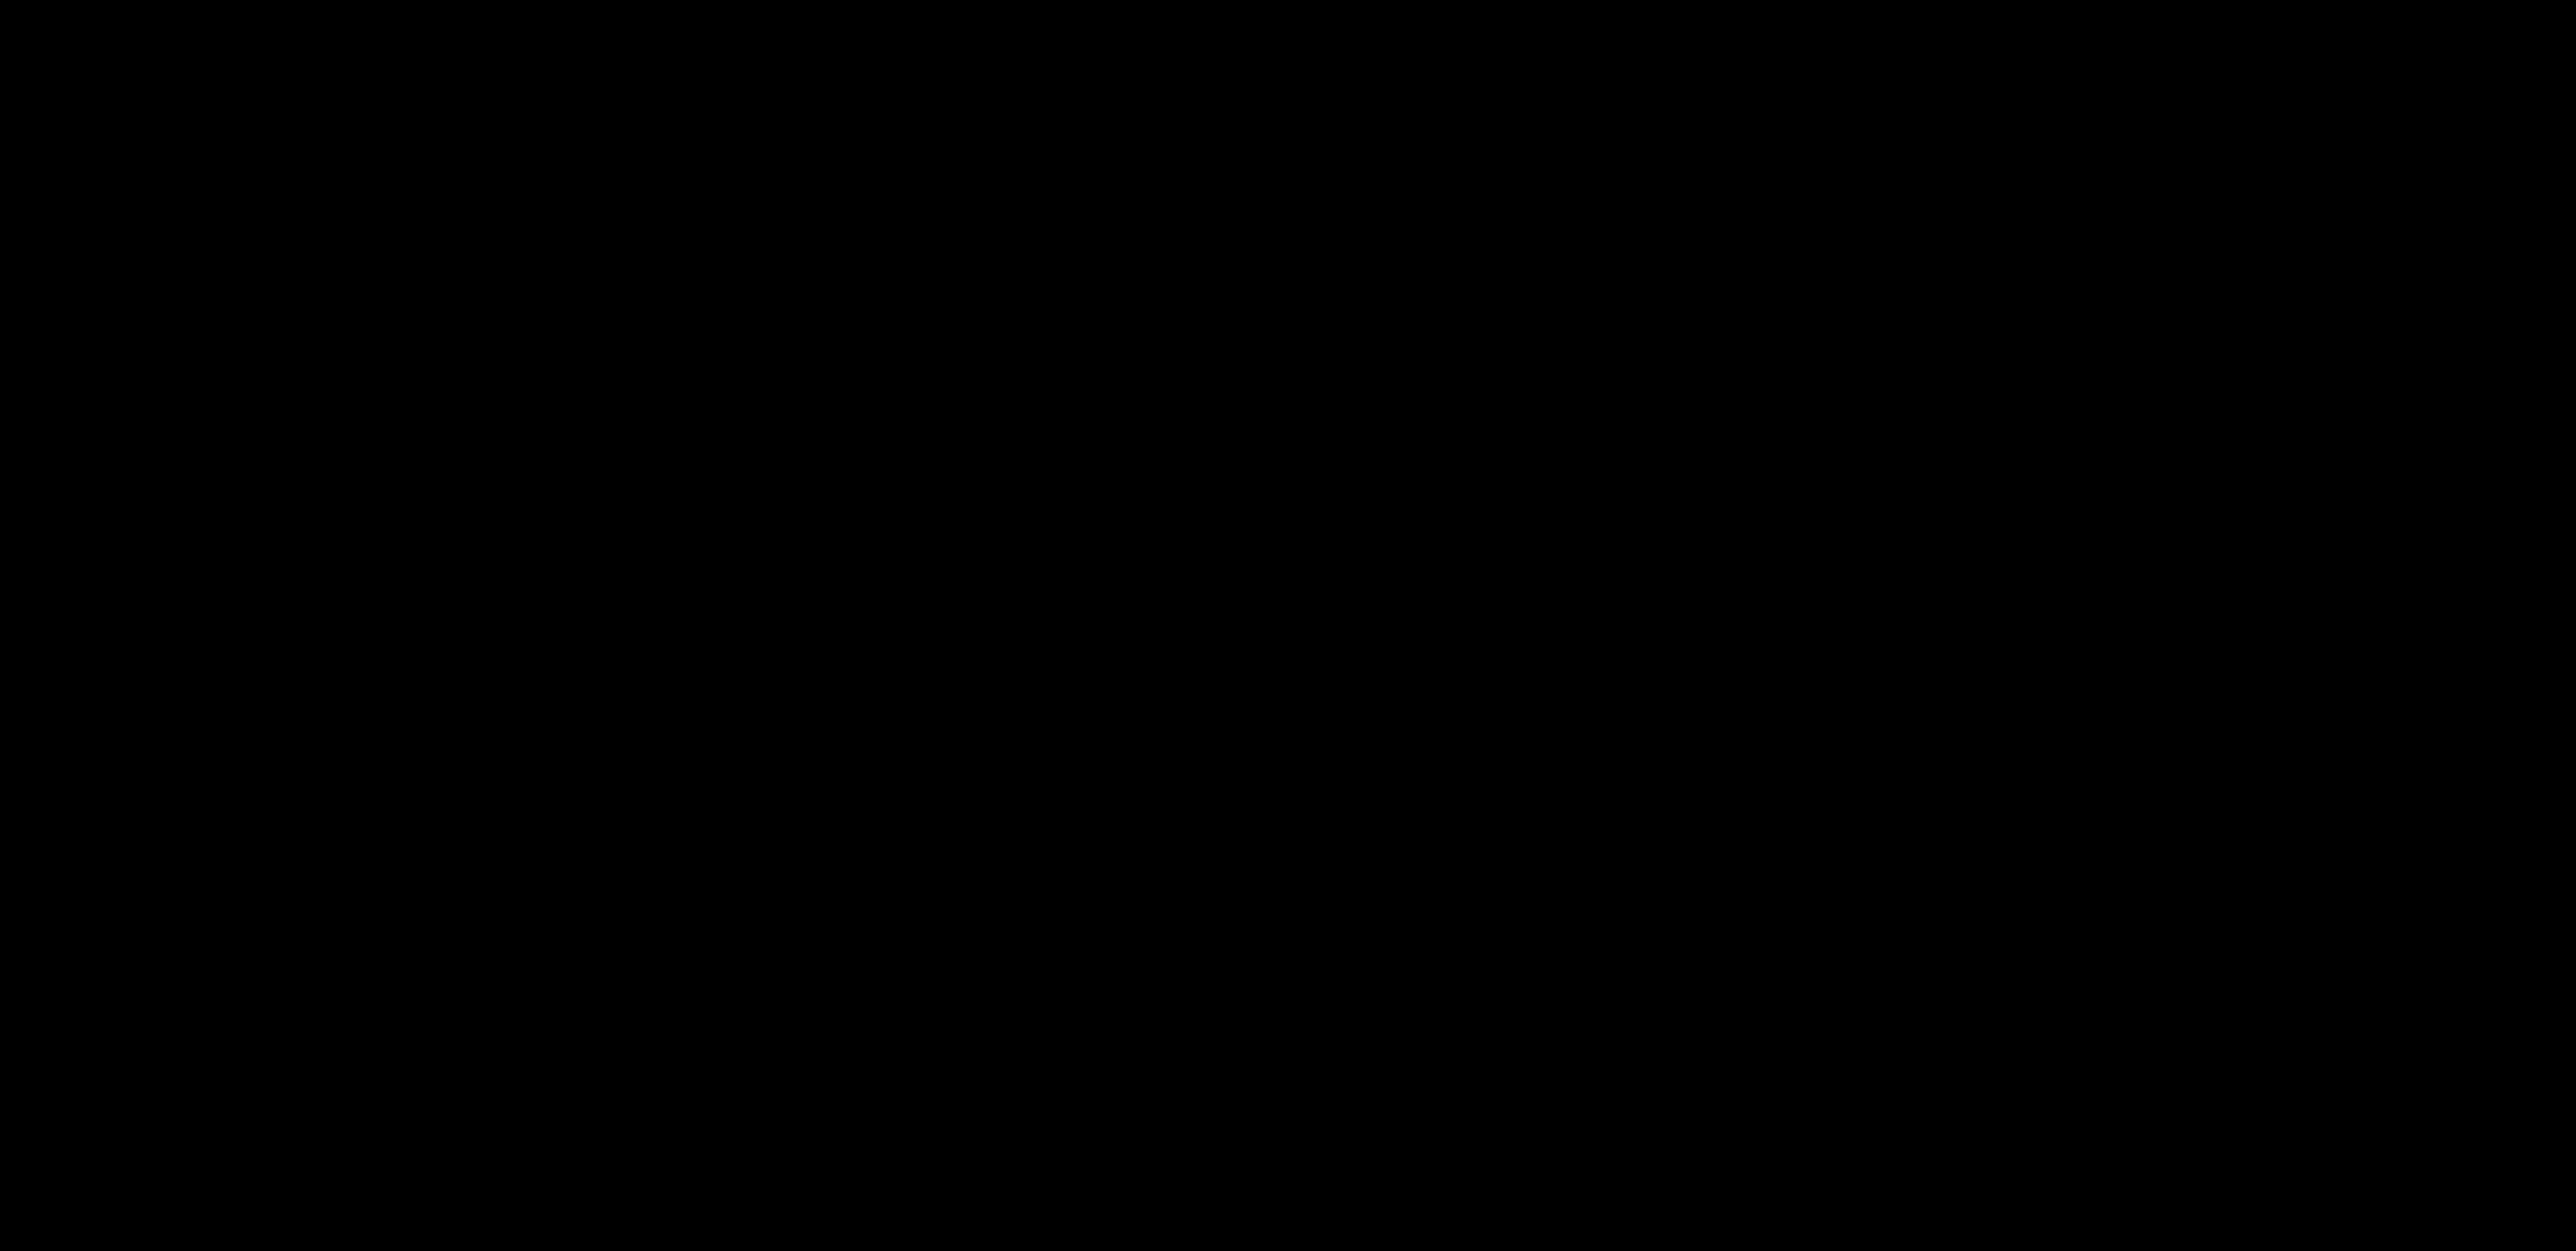 Vierfeldertafel, K - nicht K, M - nicht M, nur Buchstaben